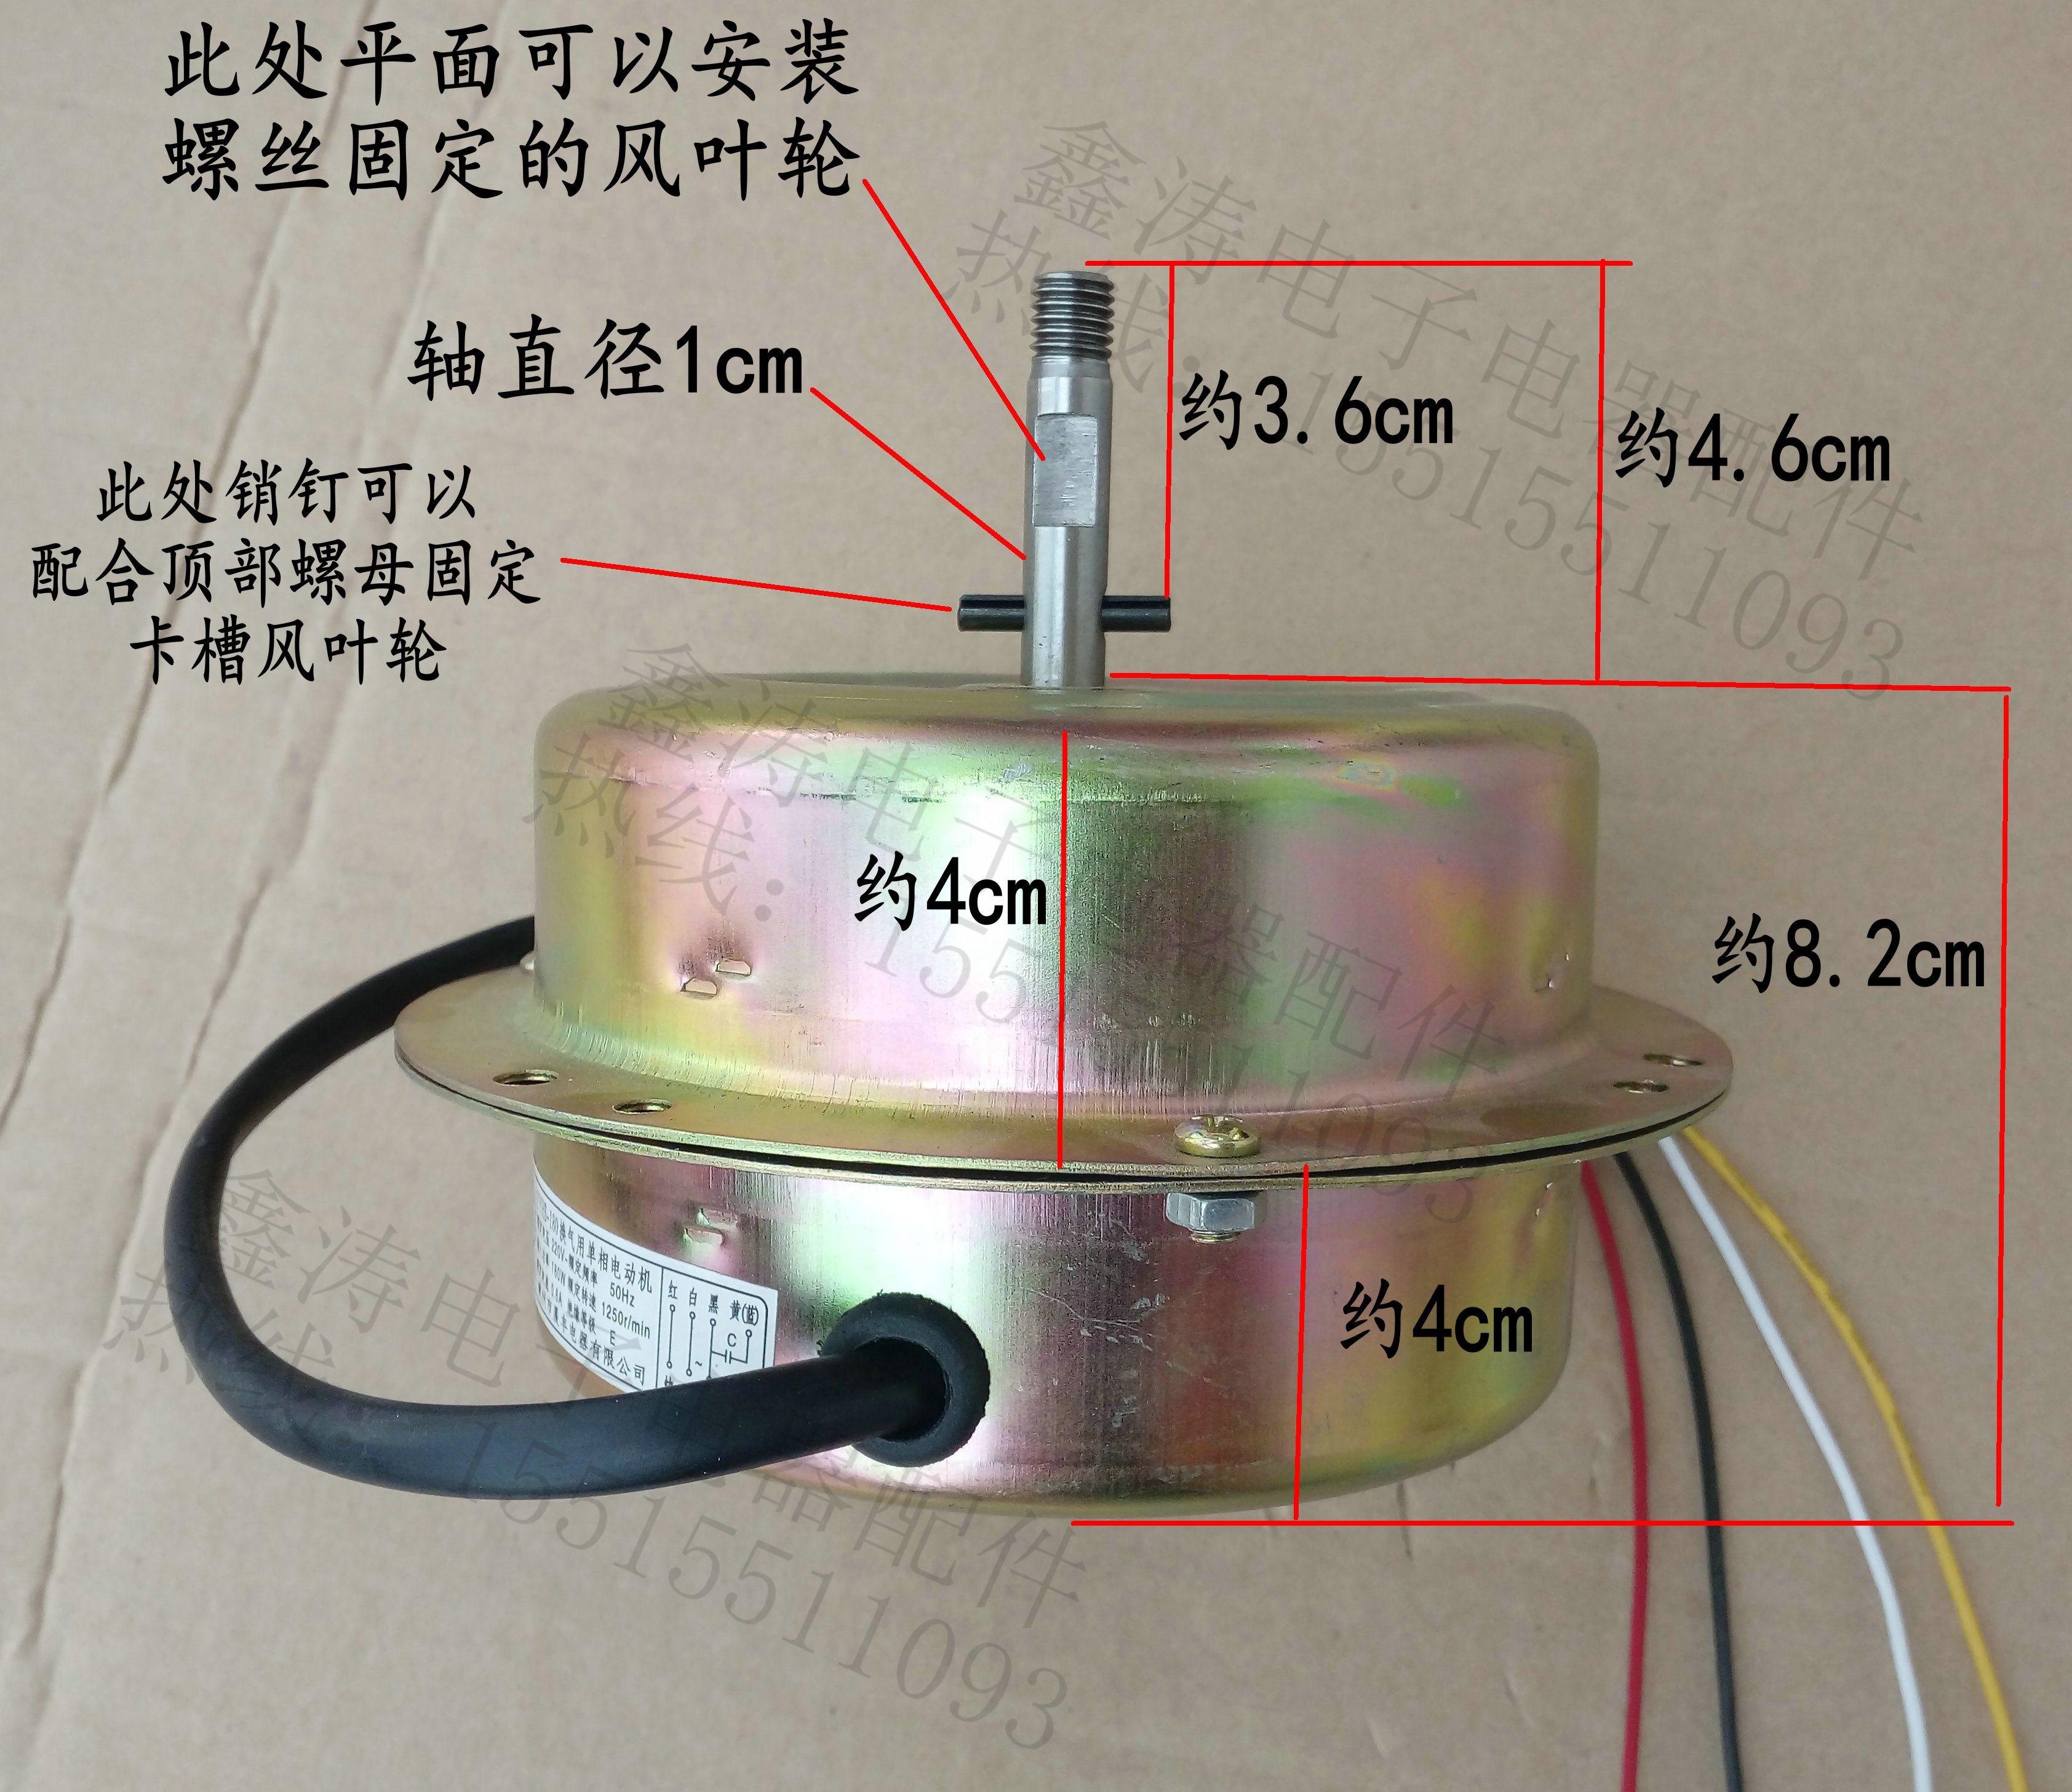 包邮抽油烟机180w大功率马达 双滚珠轴承配件纯铜线电机通用吸力